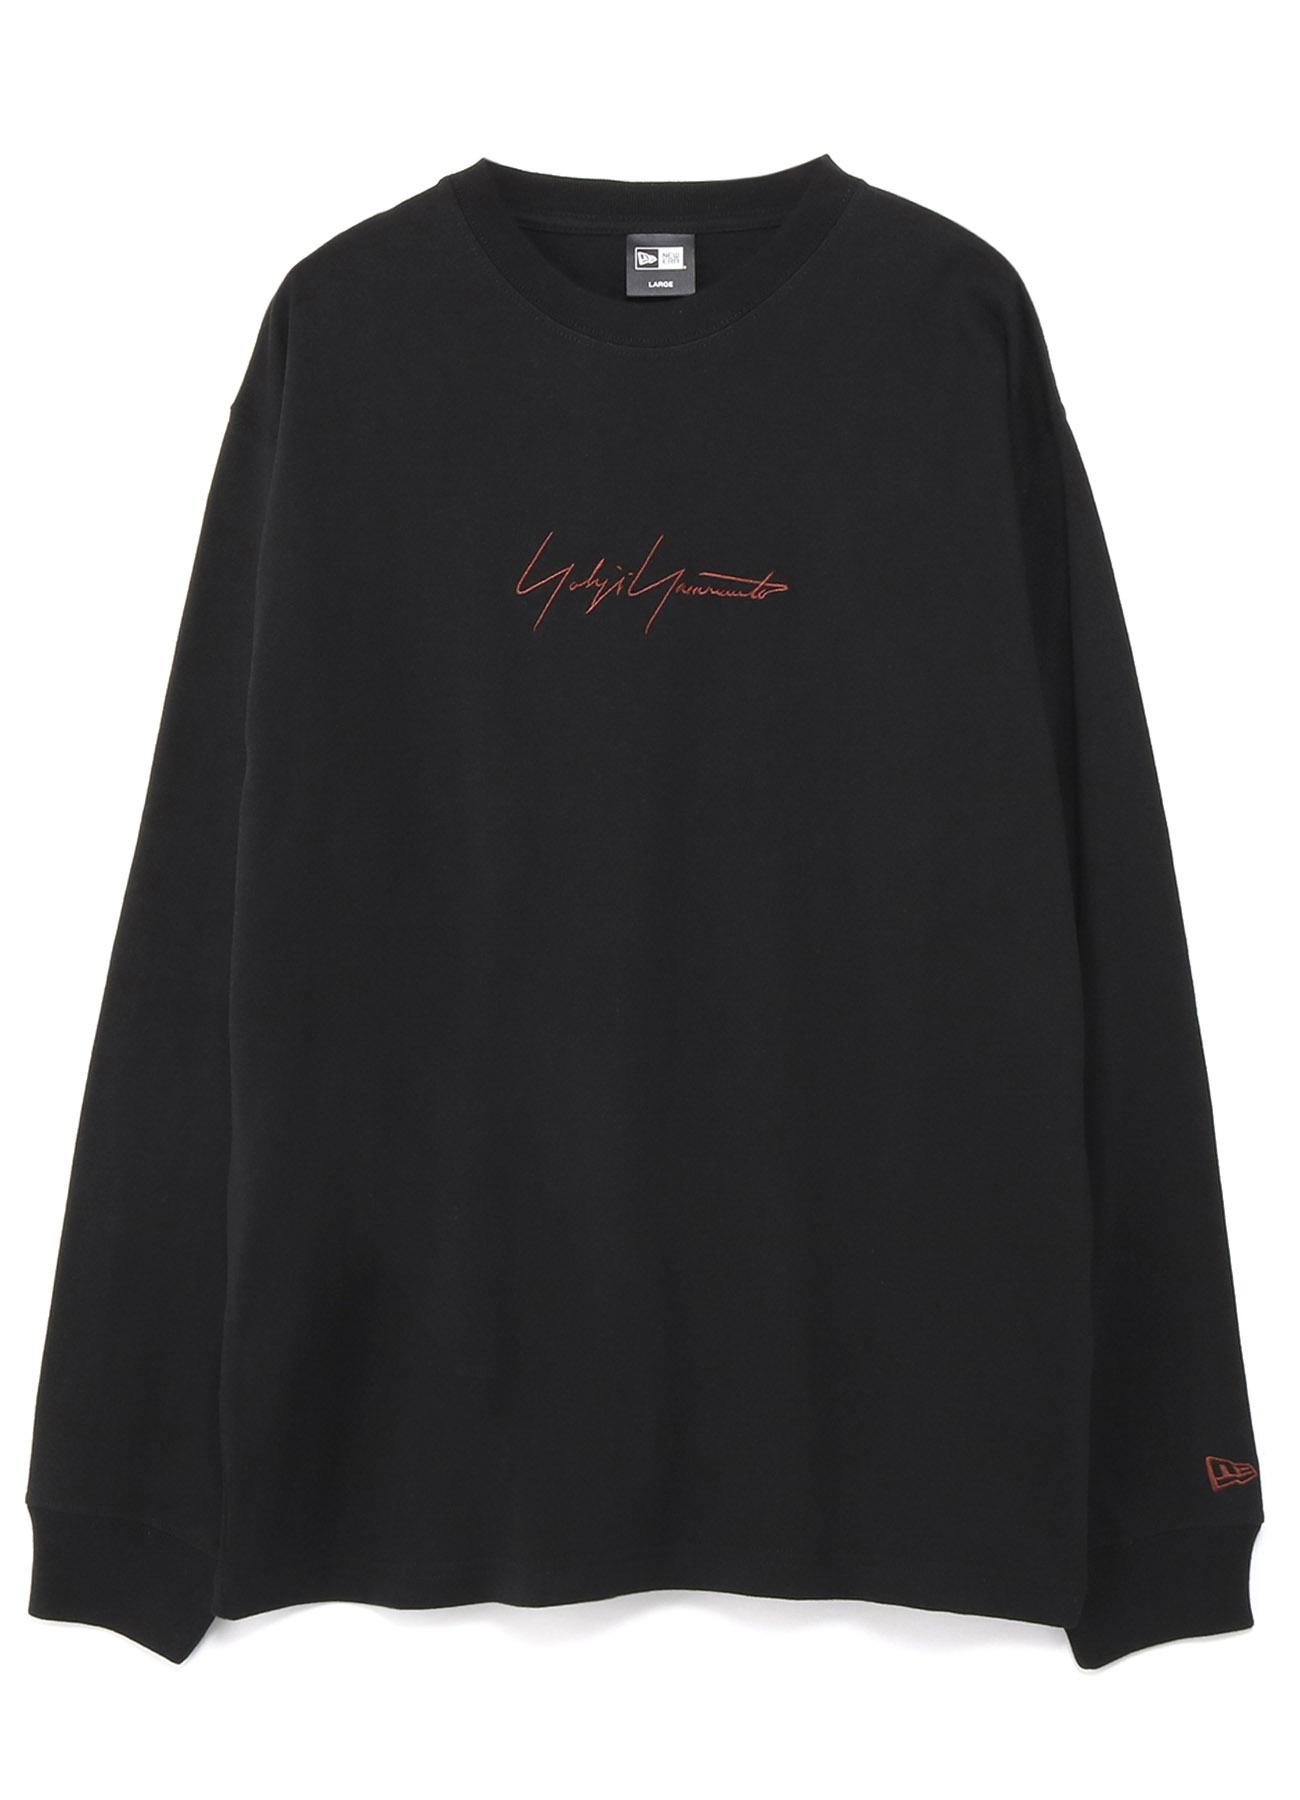 Yohji Yamamoto × New Era 長袖TEE Black